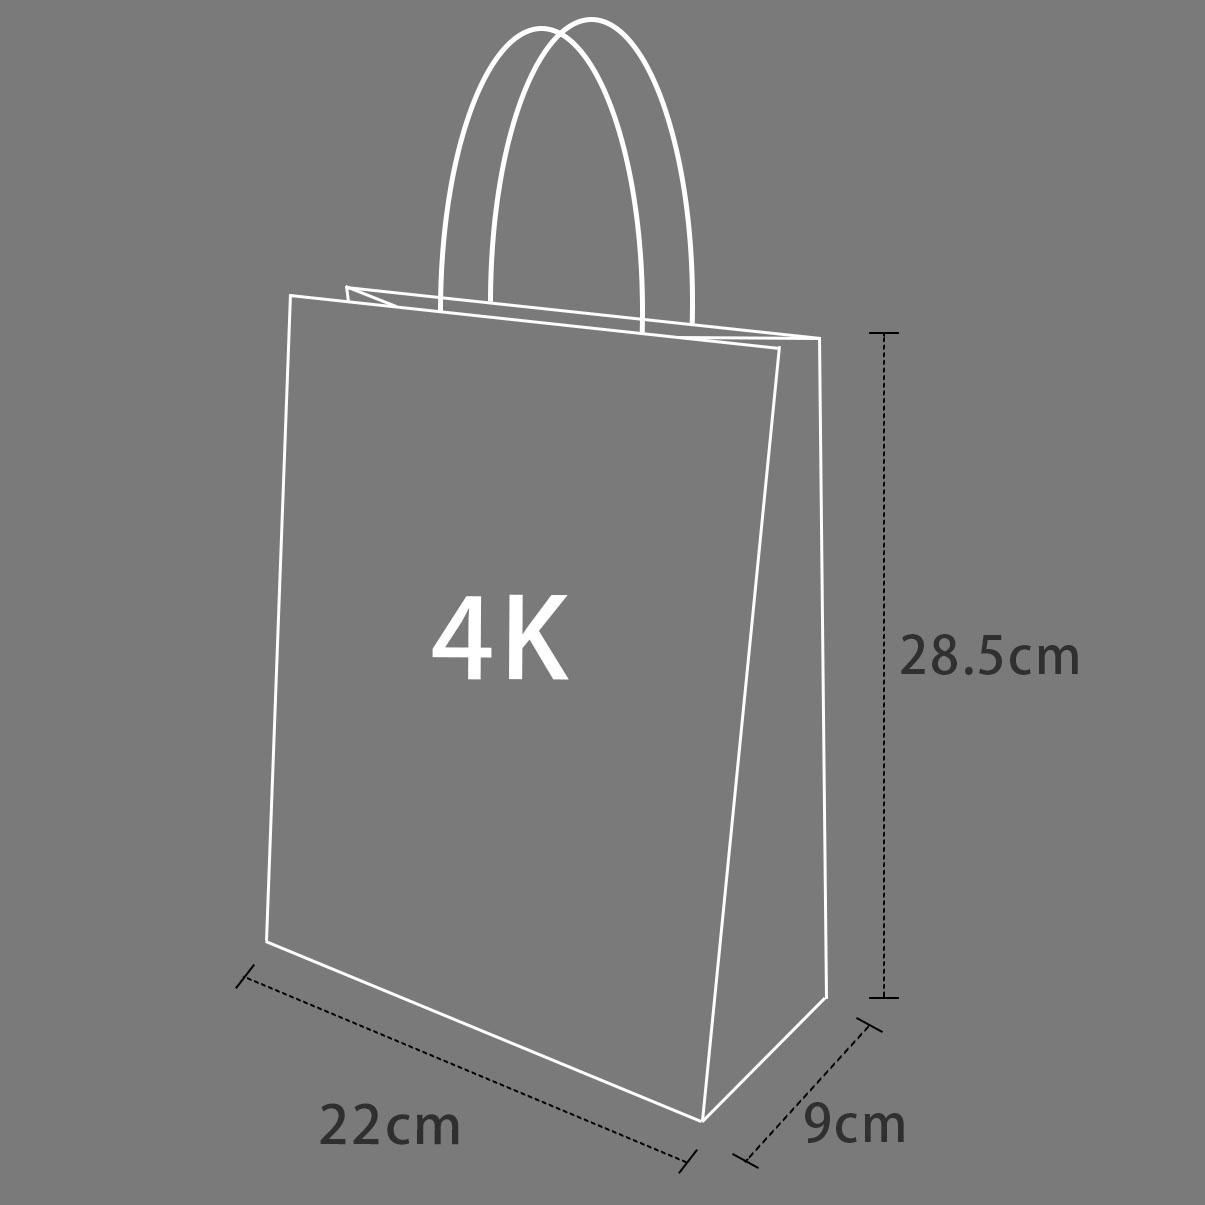 《袋袋相傳》M9 春節紙袋-招財貓4K紙袋1.jpg